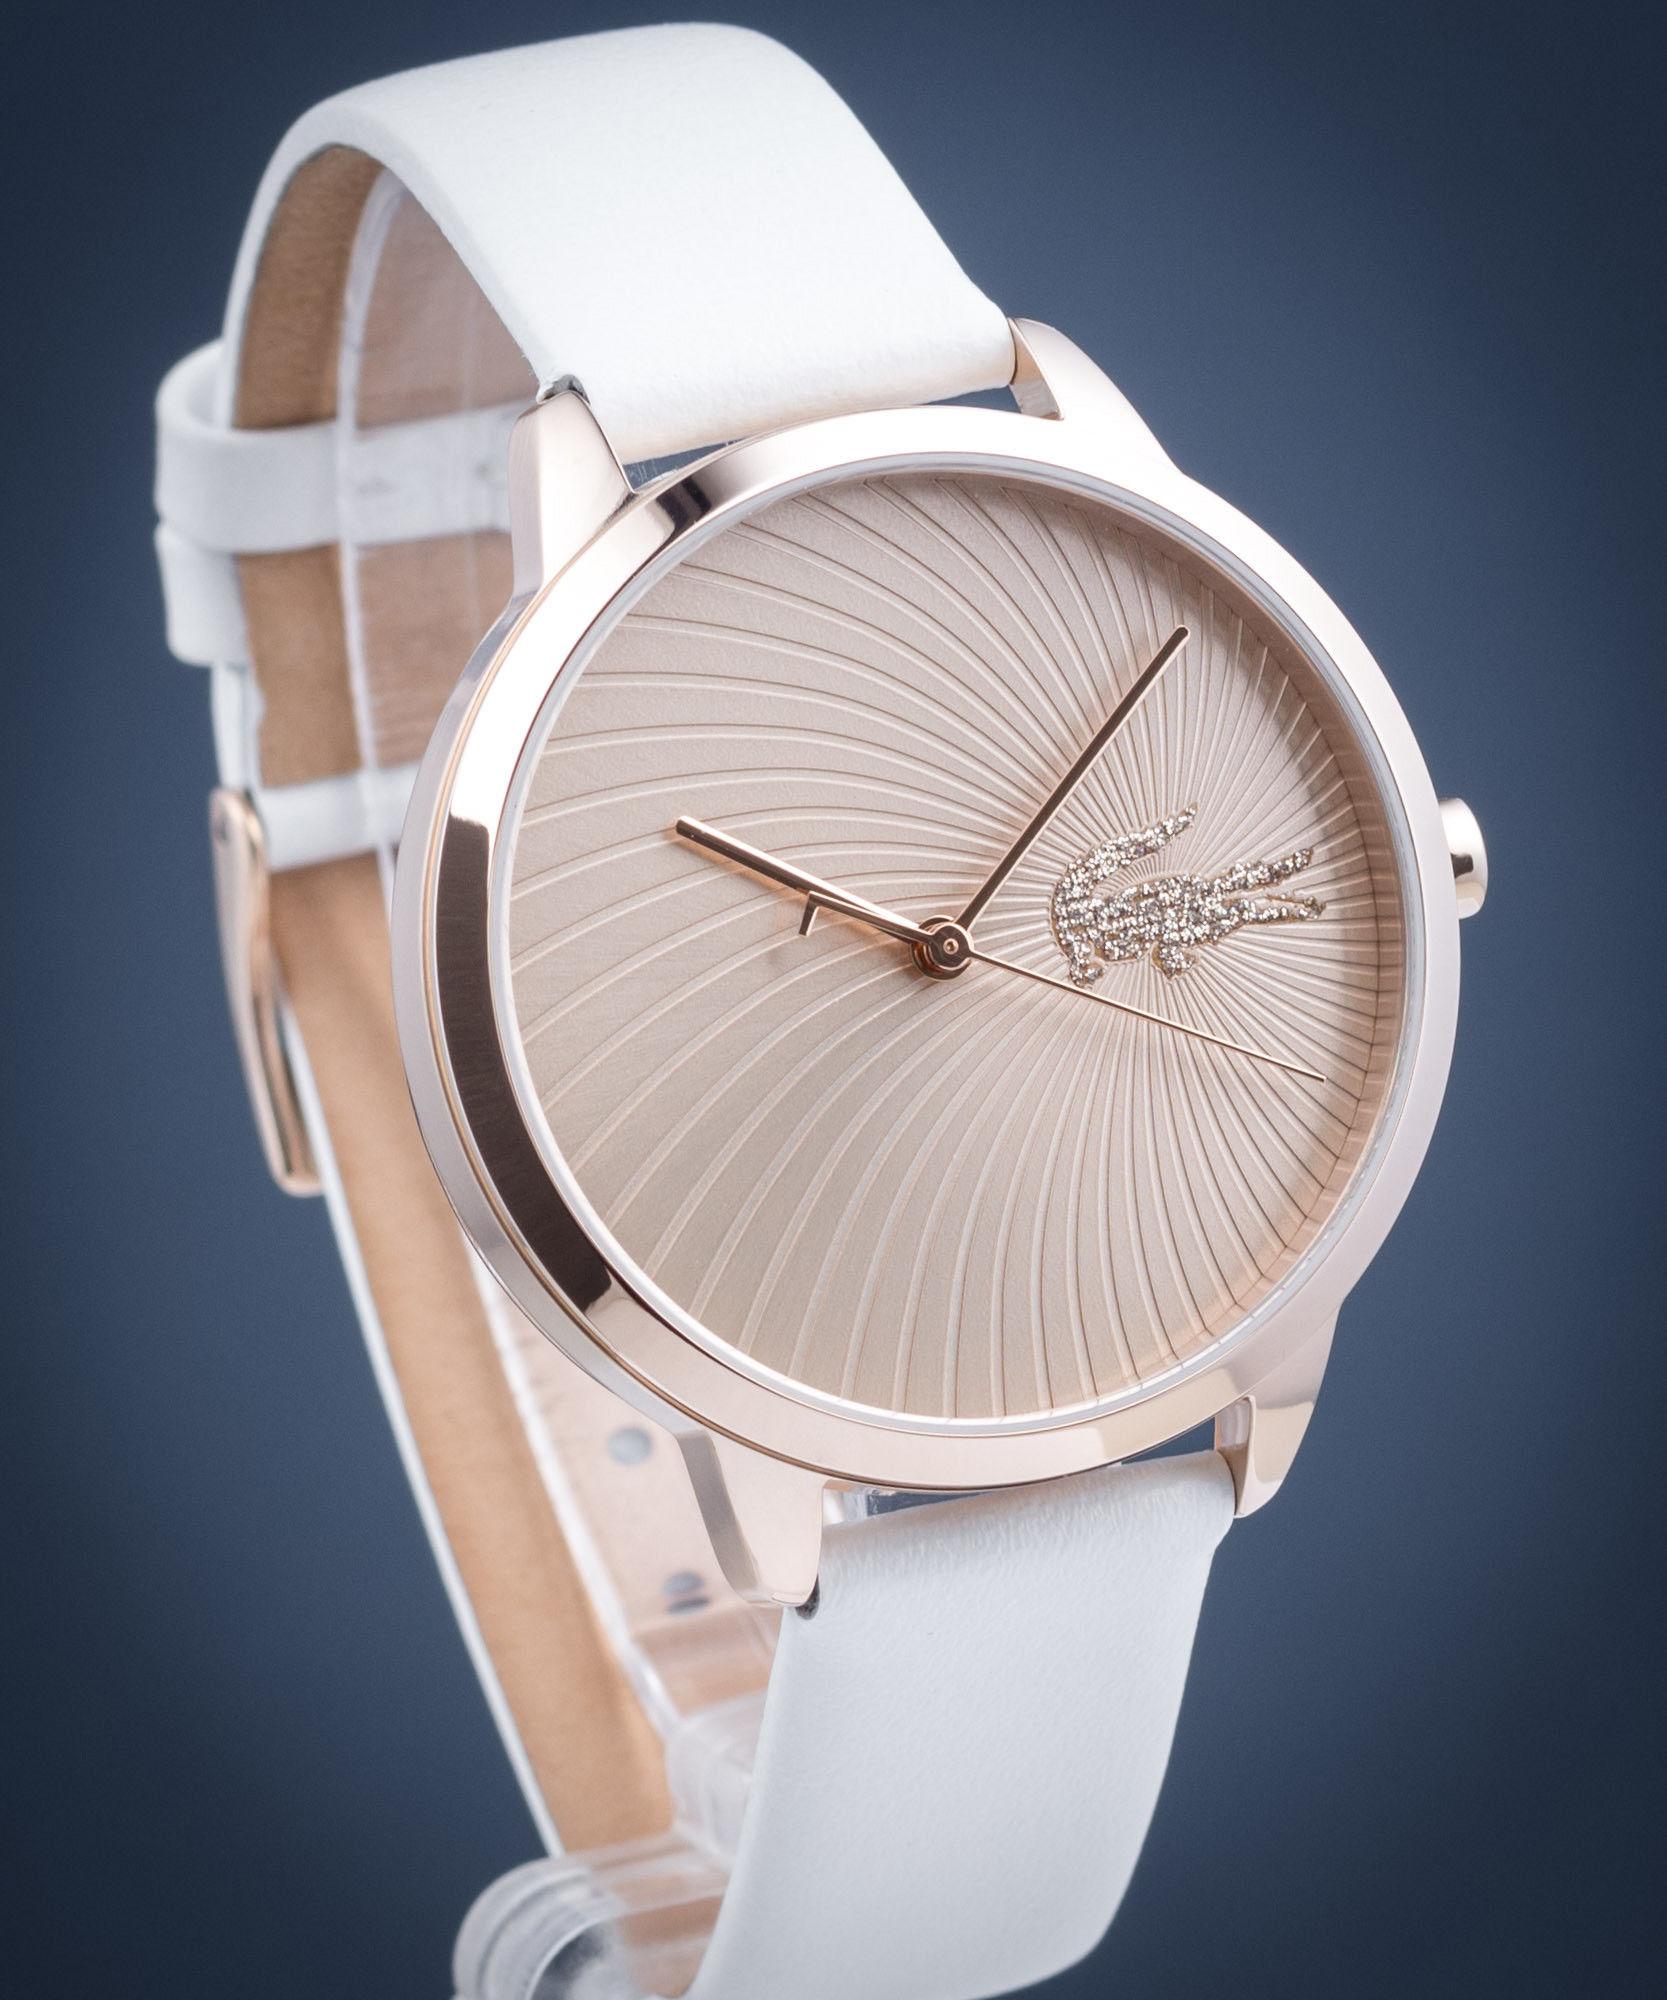 Zegarek Lacoste 2001068 LEXI - CENA DO NEGOCJACJI - DOSTAWA DHL GRATIS, KUPUJ BEZ RYZYKA - 100 dni na zwrot, możliwość wygrawerowania dowolnego tekstu.